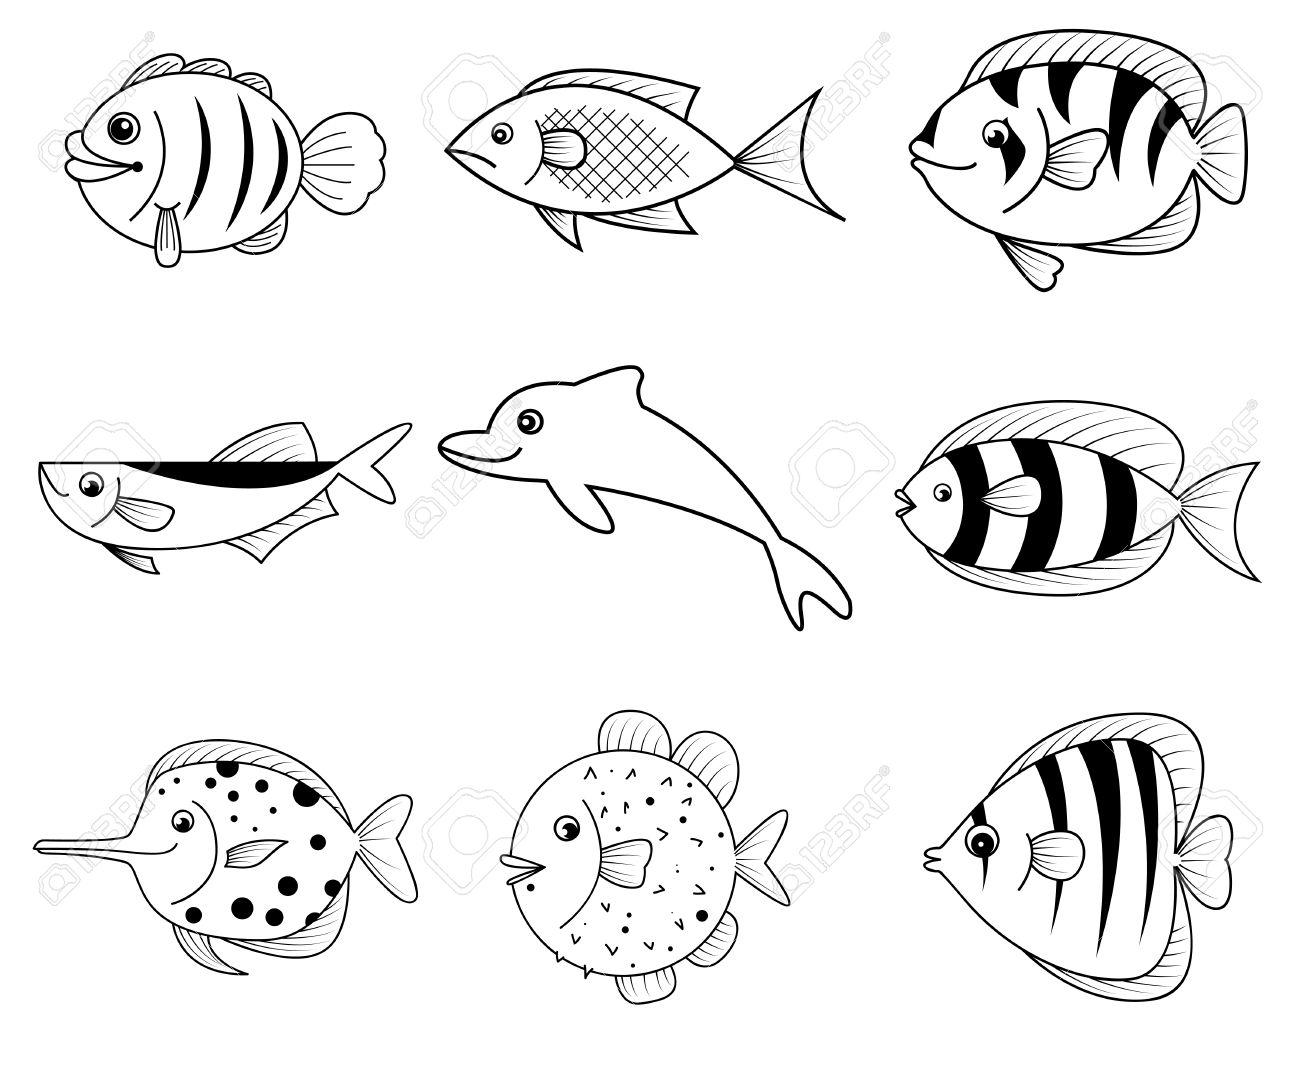 noir et blanc icones de dessin anime de poissons de mer vecteur